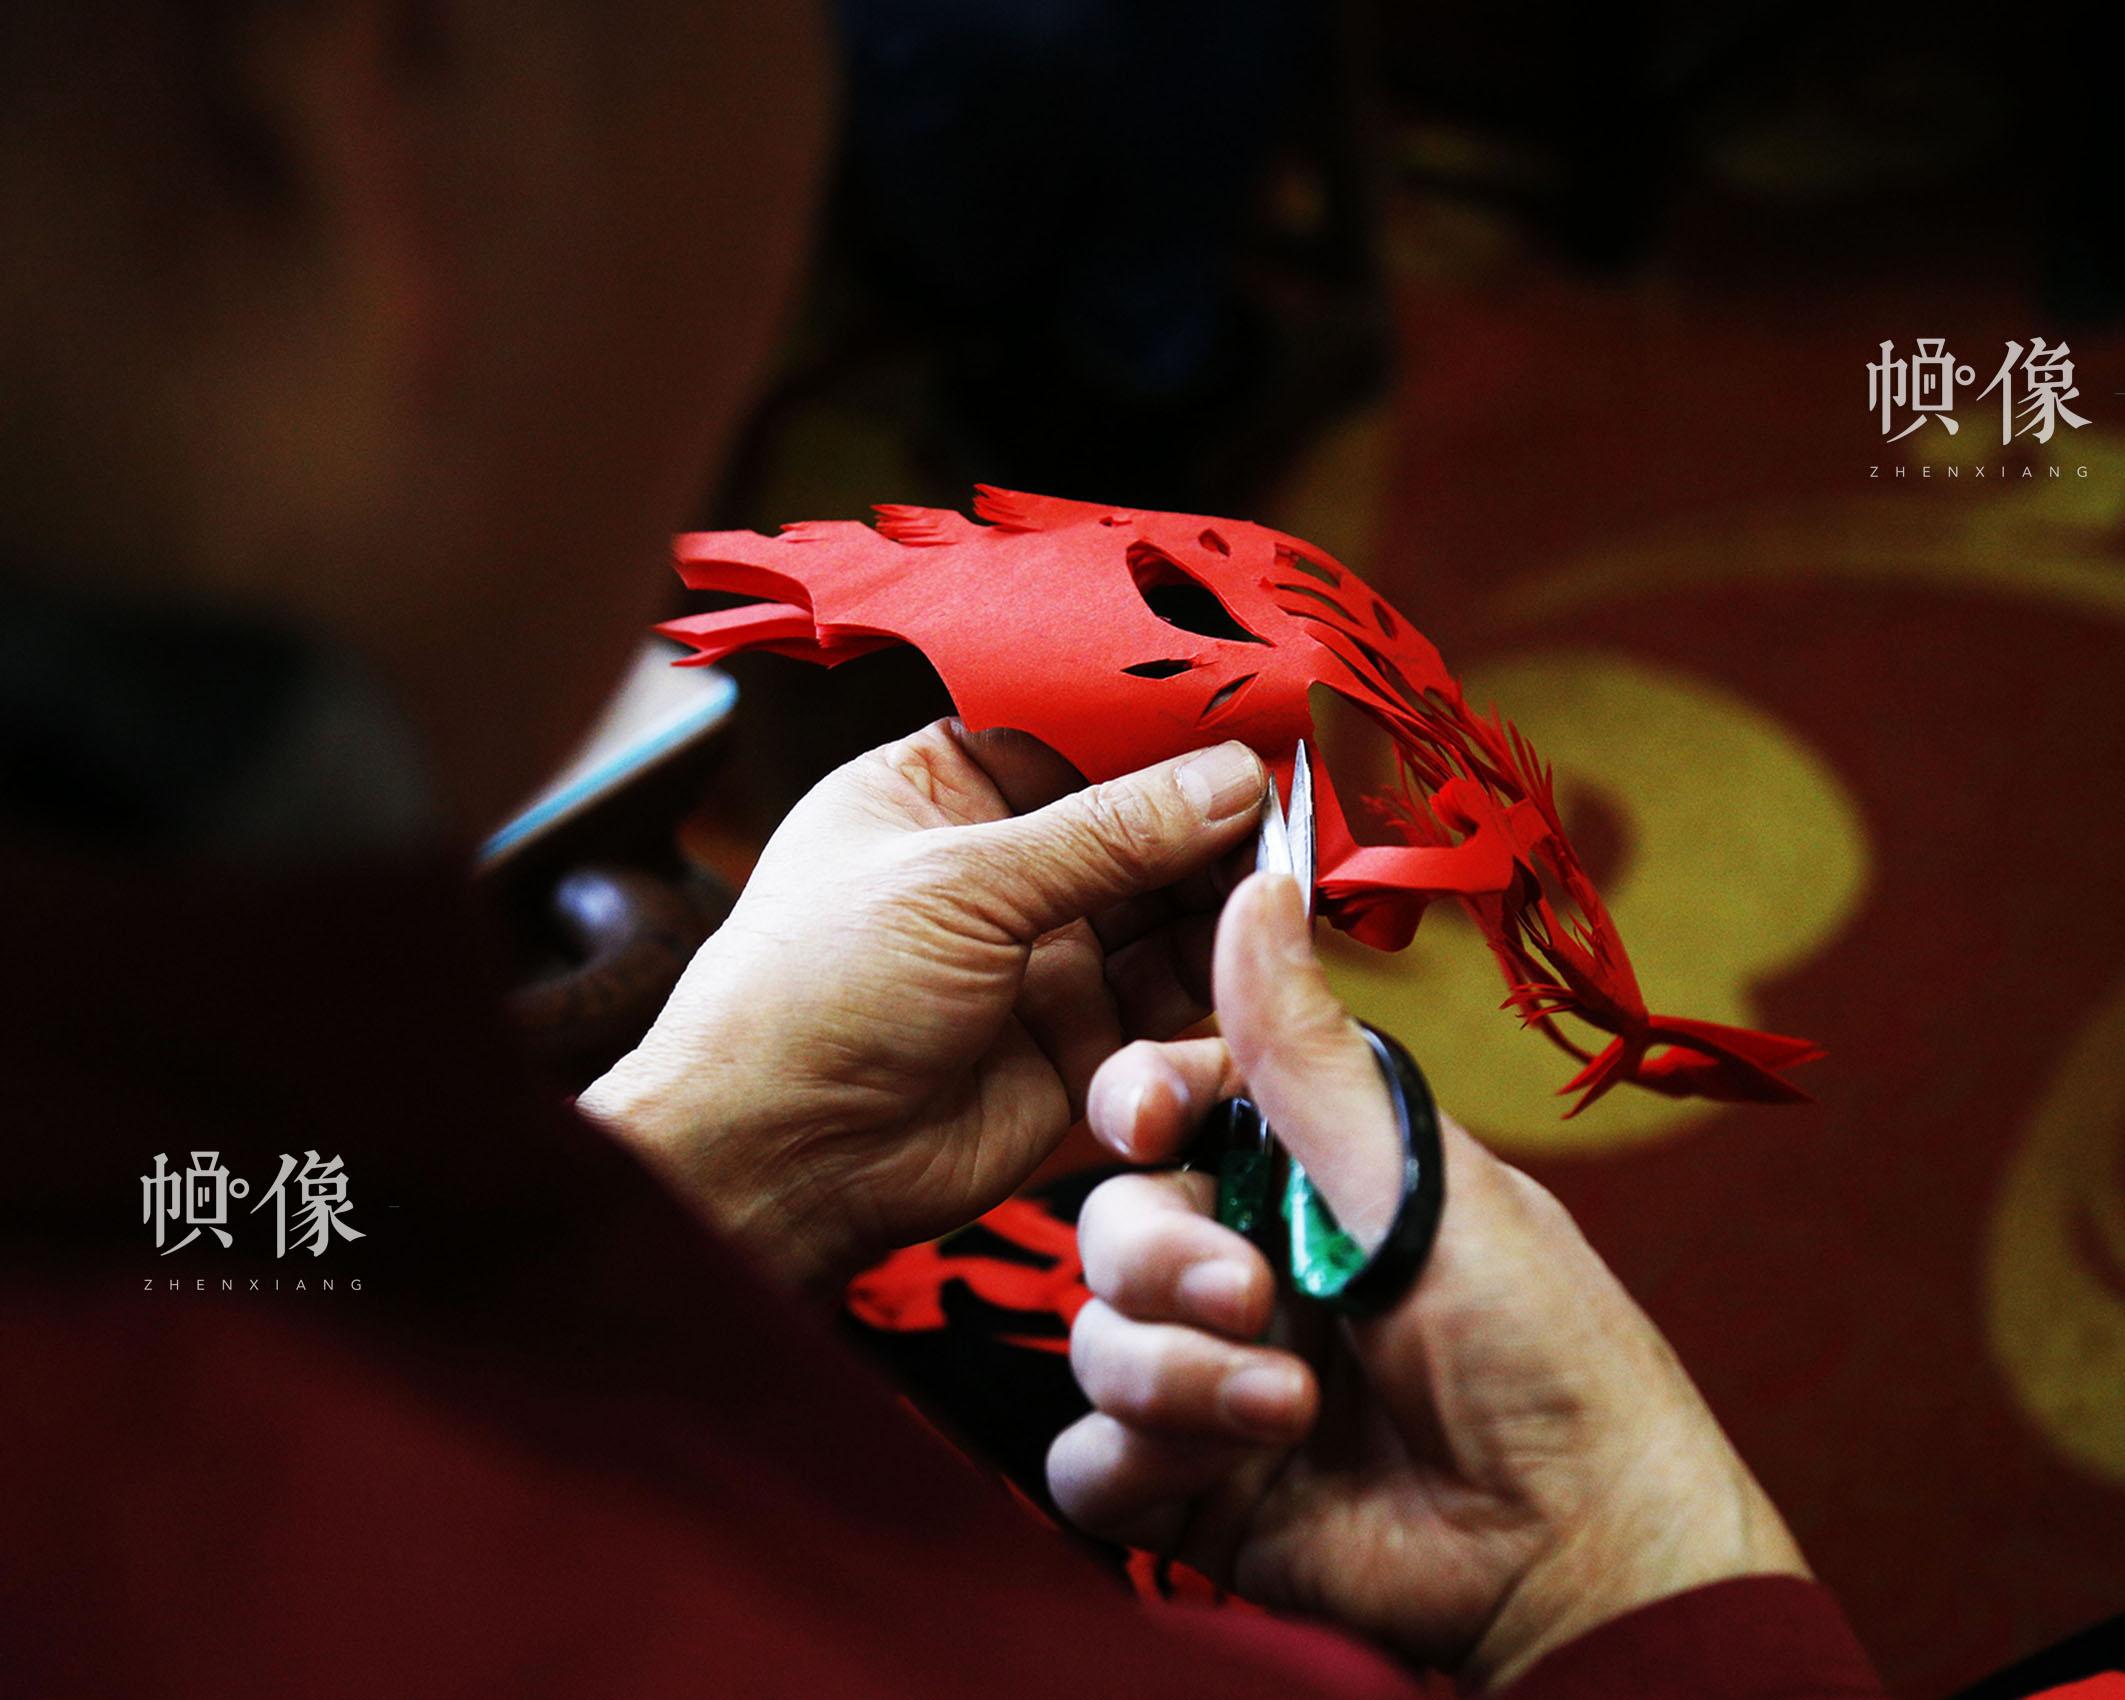 姚雨林在制作窗花作品的过程中,不断变换手中的工具,不同工具在窗花制作过程中起到不同作用。中国网实习记者 张钰